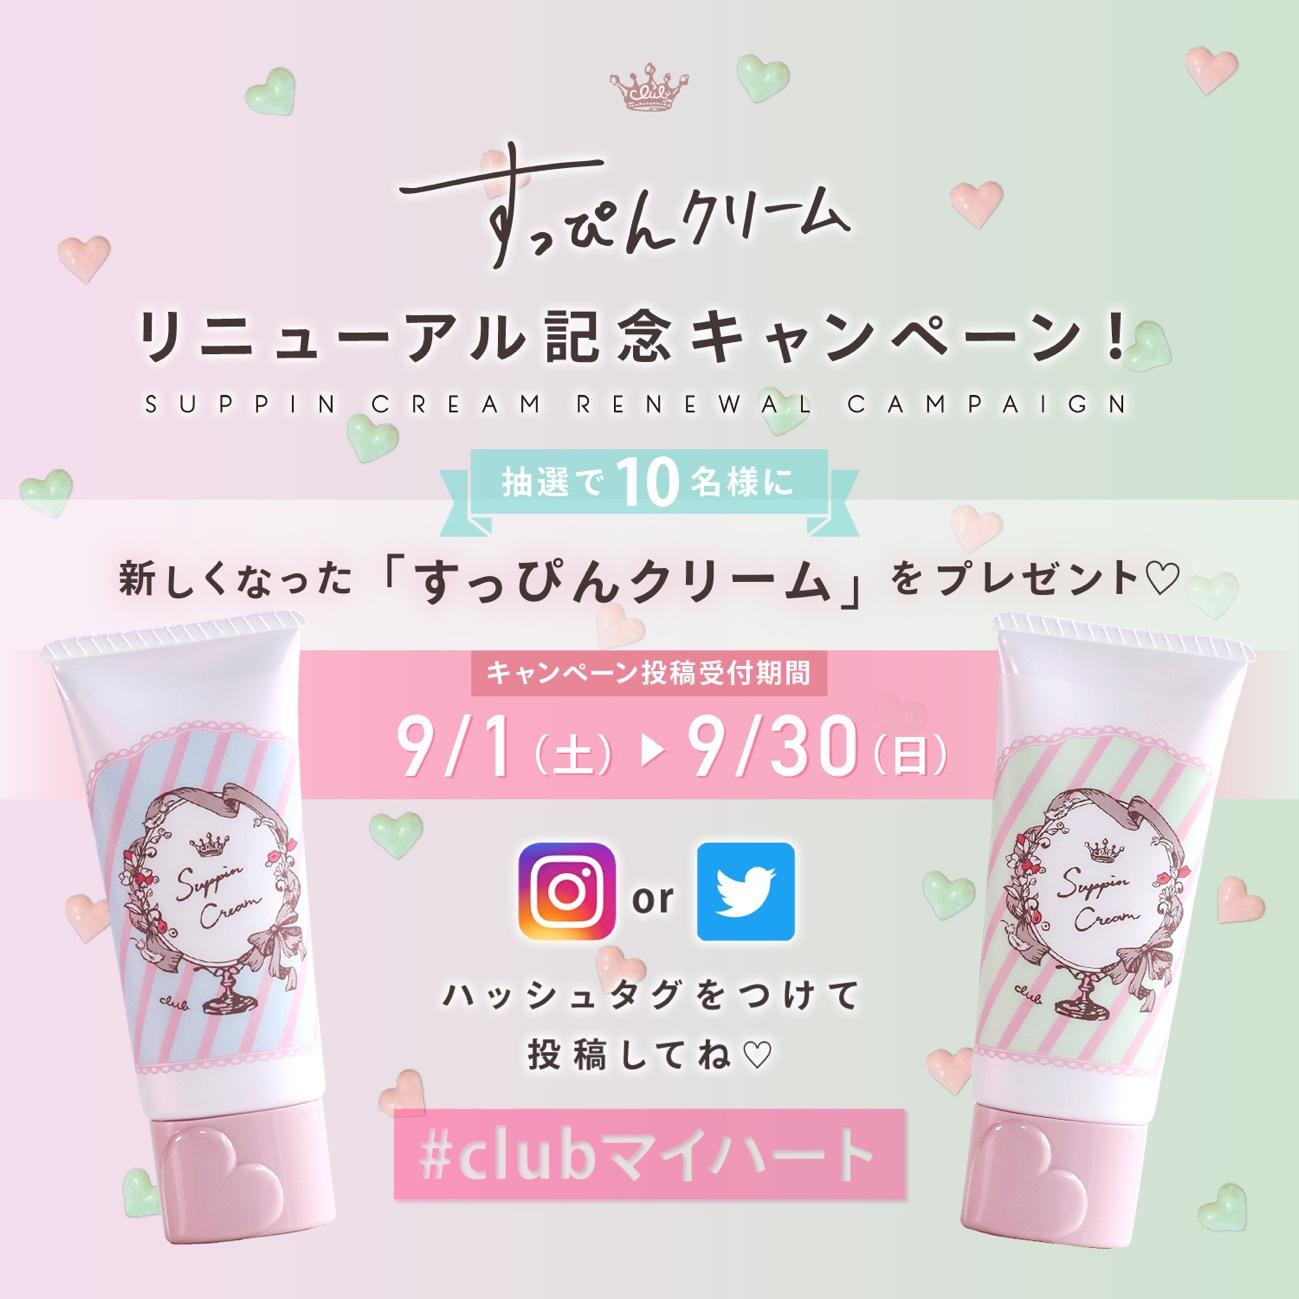 Kem Lót Trang Điểm Dưỡng Ẩm Sử Dụng Qua Đêm 24h Club Suppin Cream Hương Hoa Hồng Cực Mịn, Kiềm Dầu